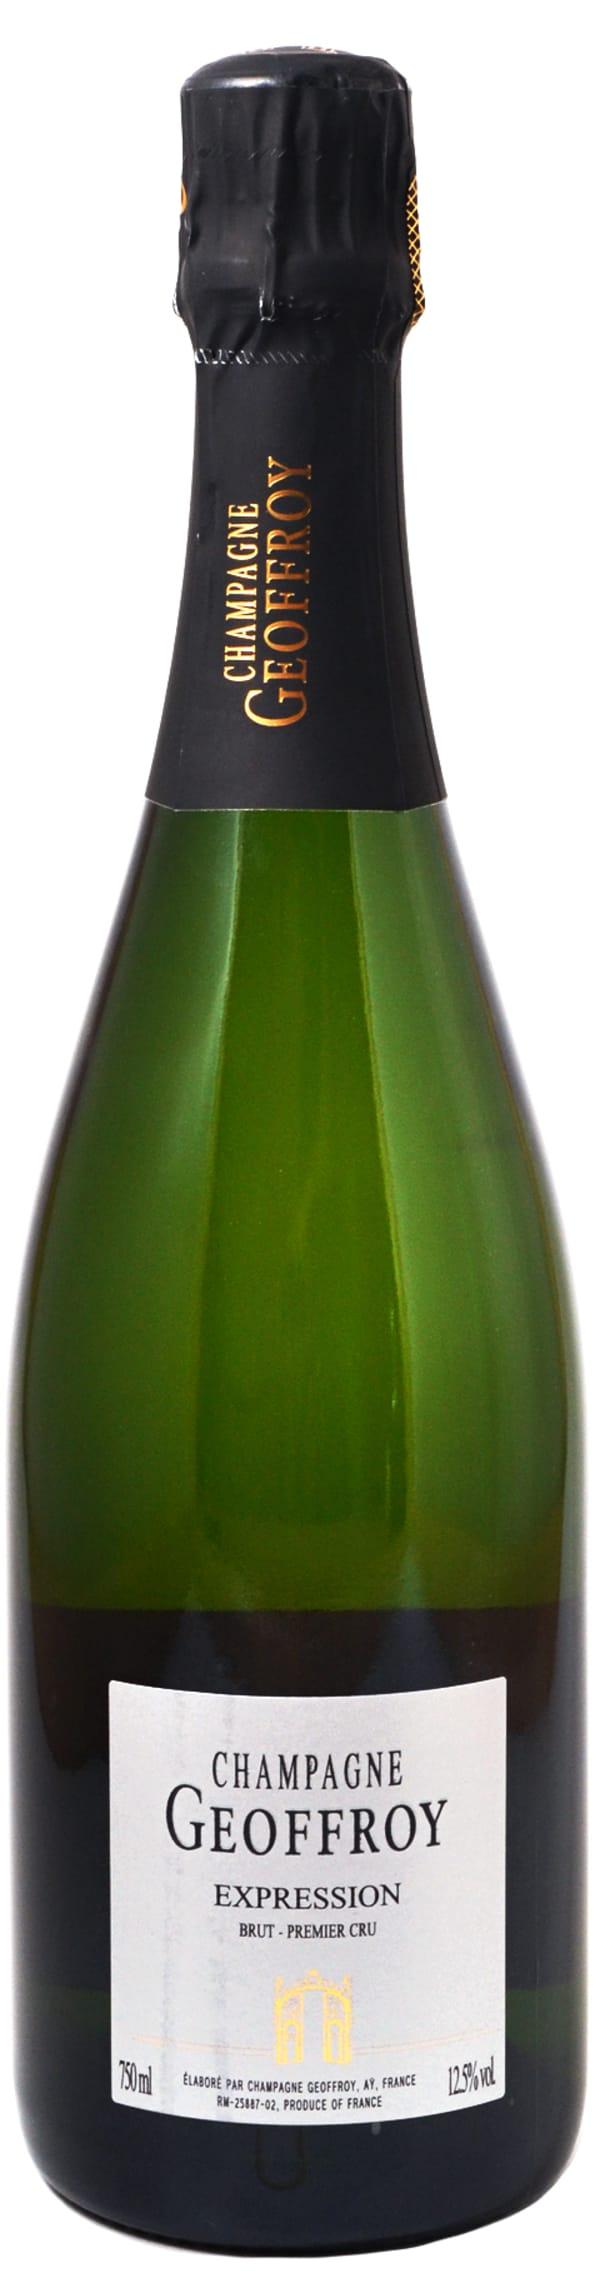 Geoffroy Expression Premier Cru Champagne Brut